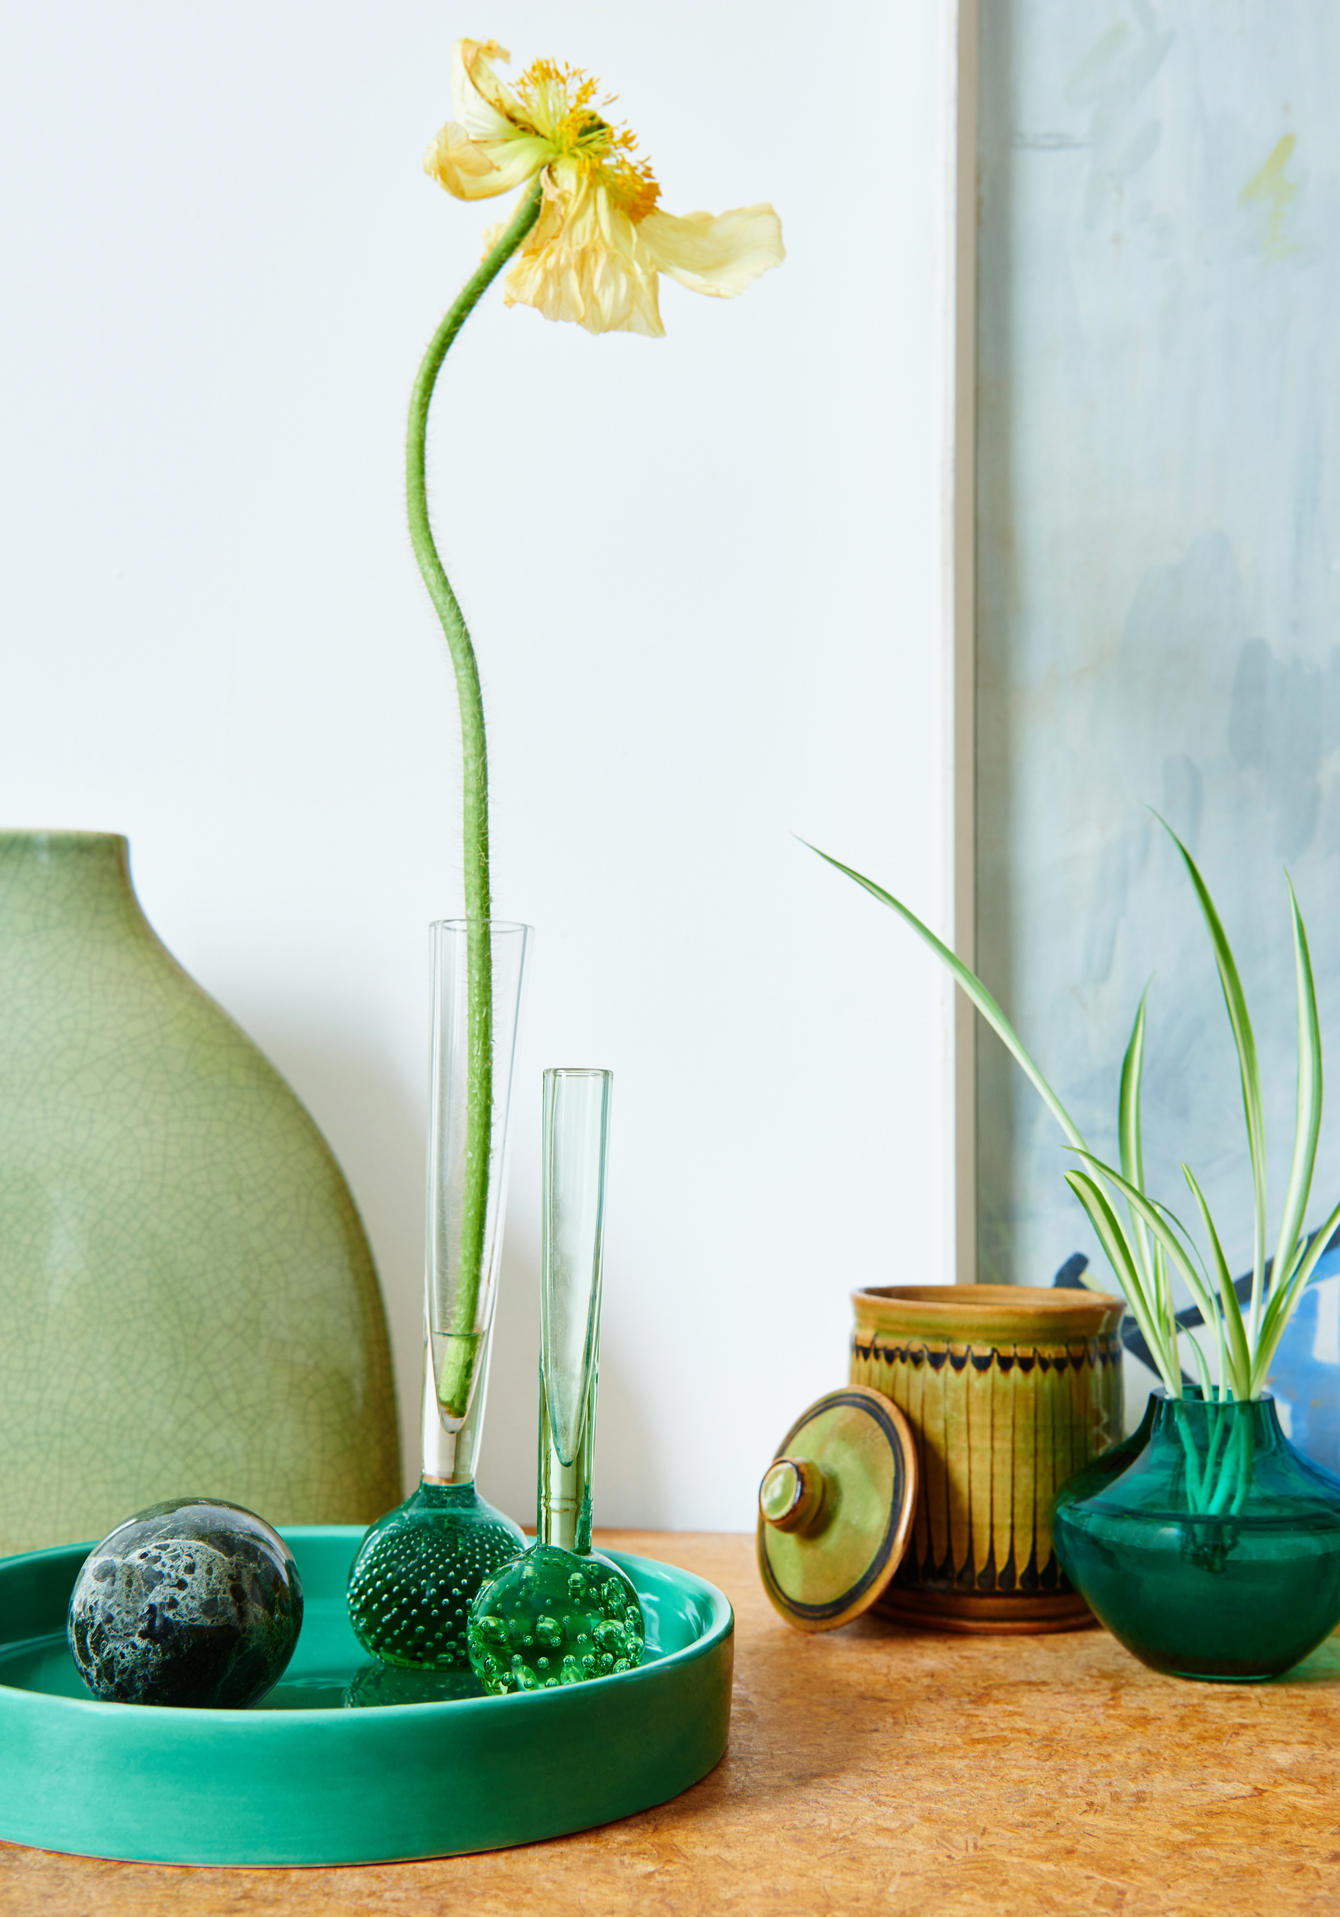 bud vases and mid century vessels